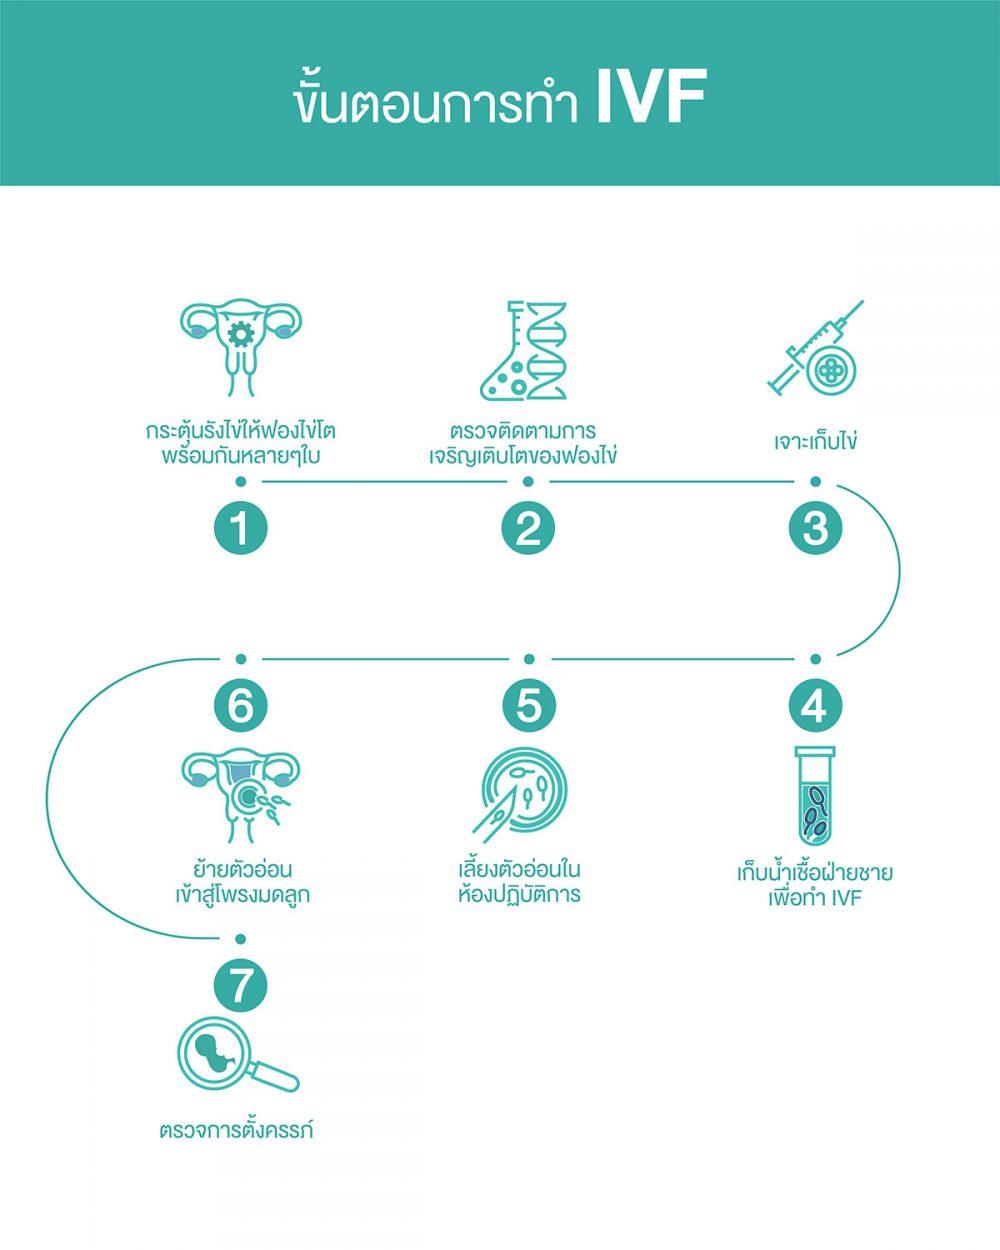 7 ขั้นตอนของการทำ IVF